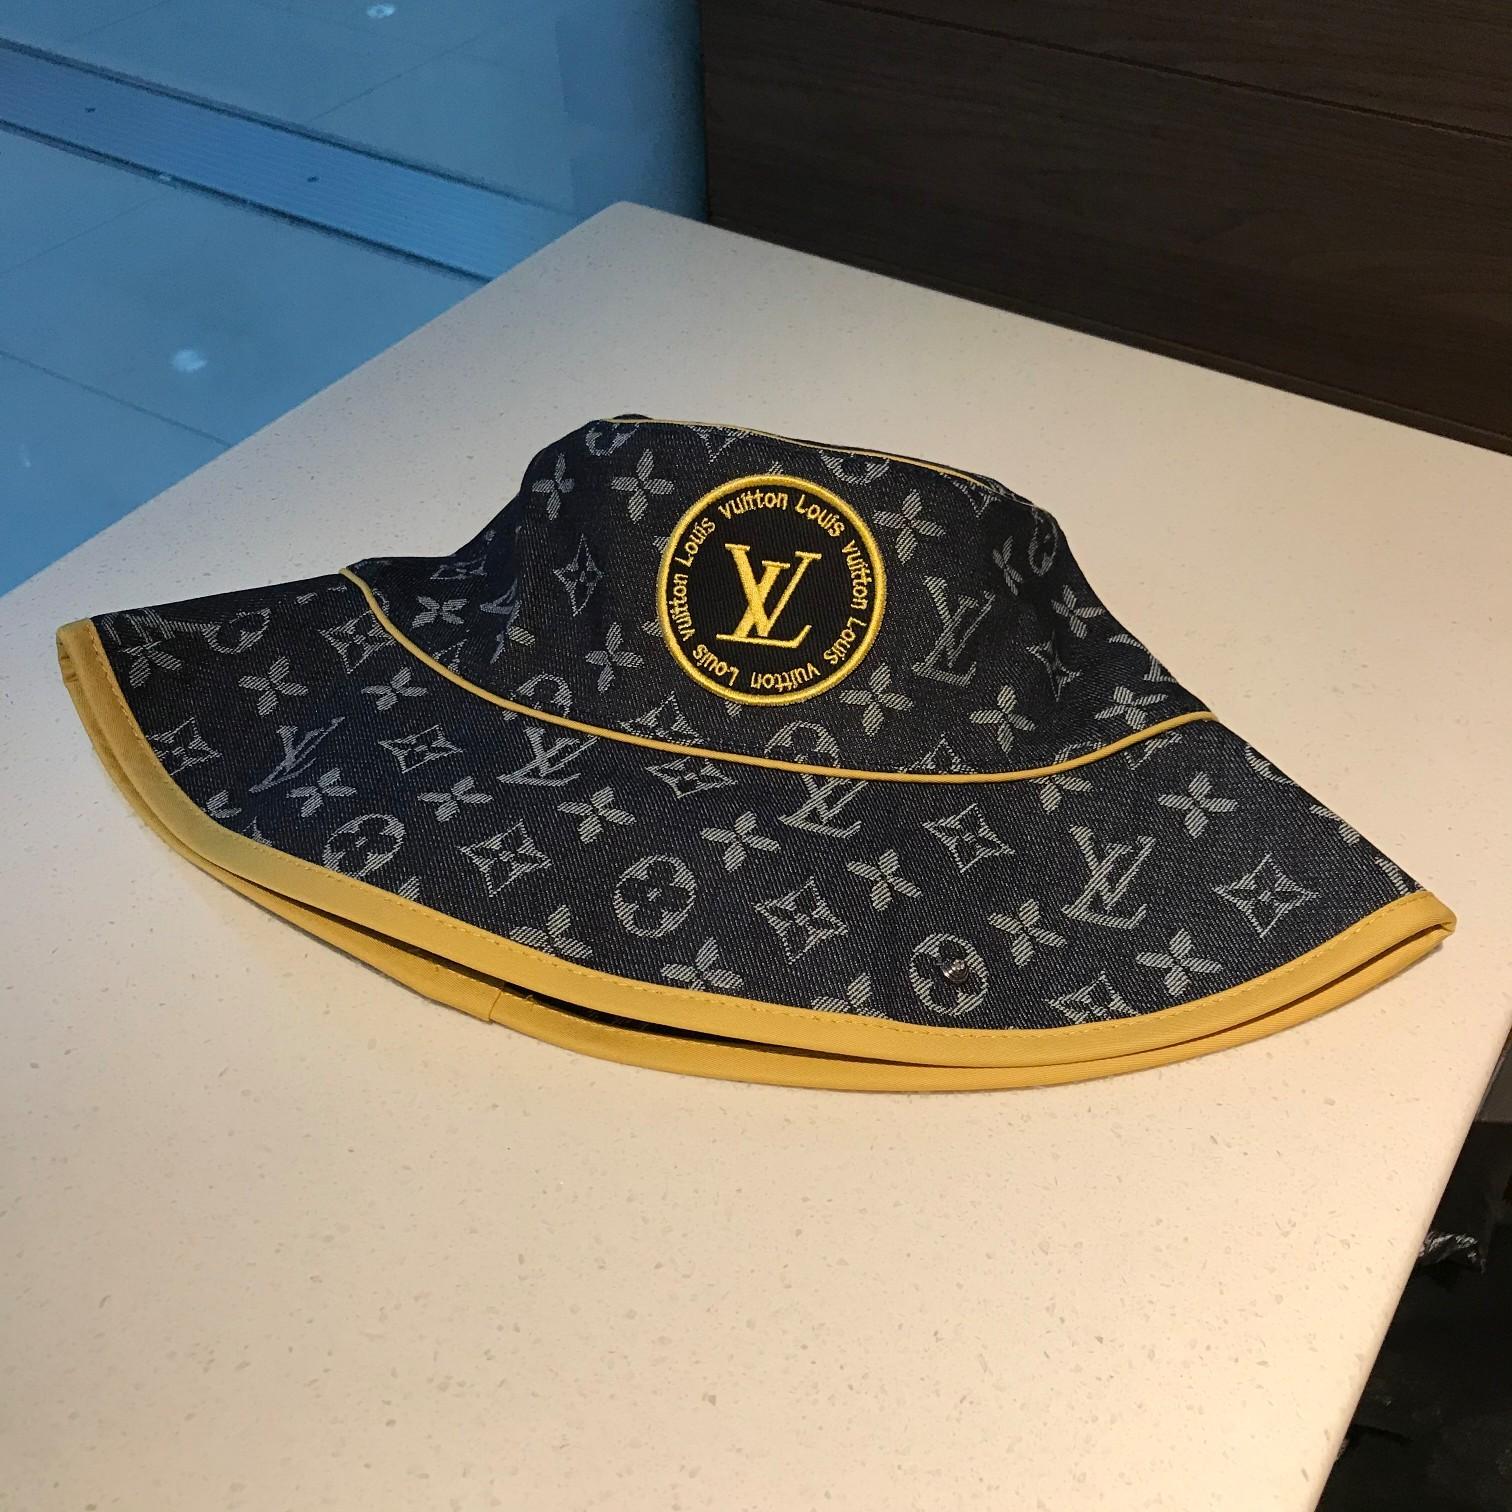 特批LV路易威登渔夫帽采用高级丝棉面